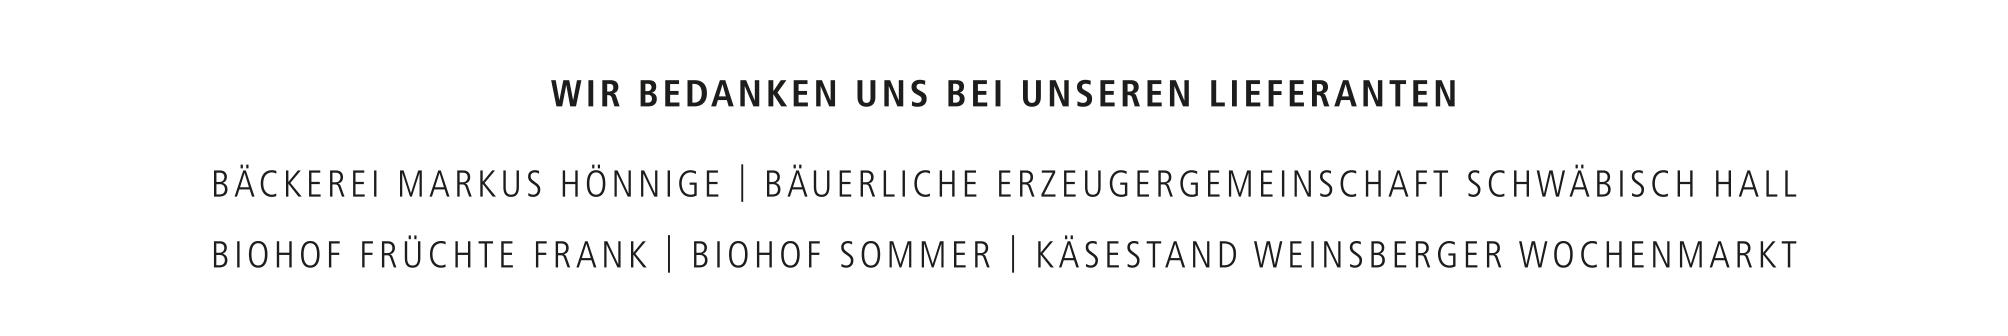 6_Lieferanten